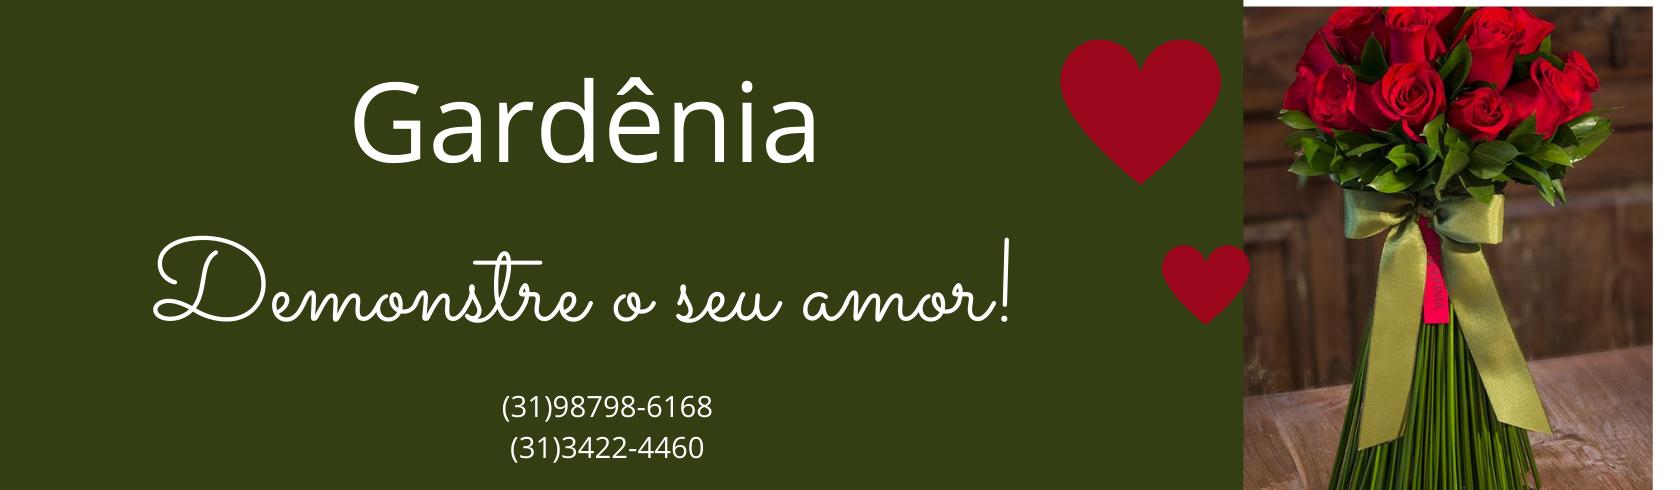 data/banner/floricultura-gardenia-1.png